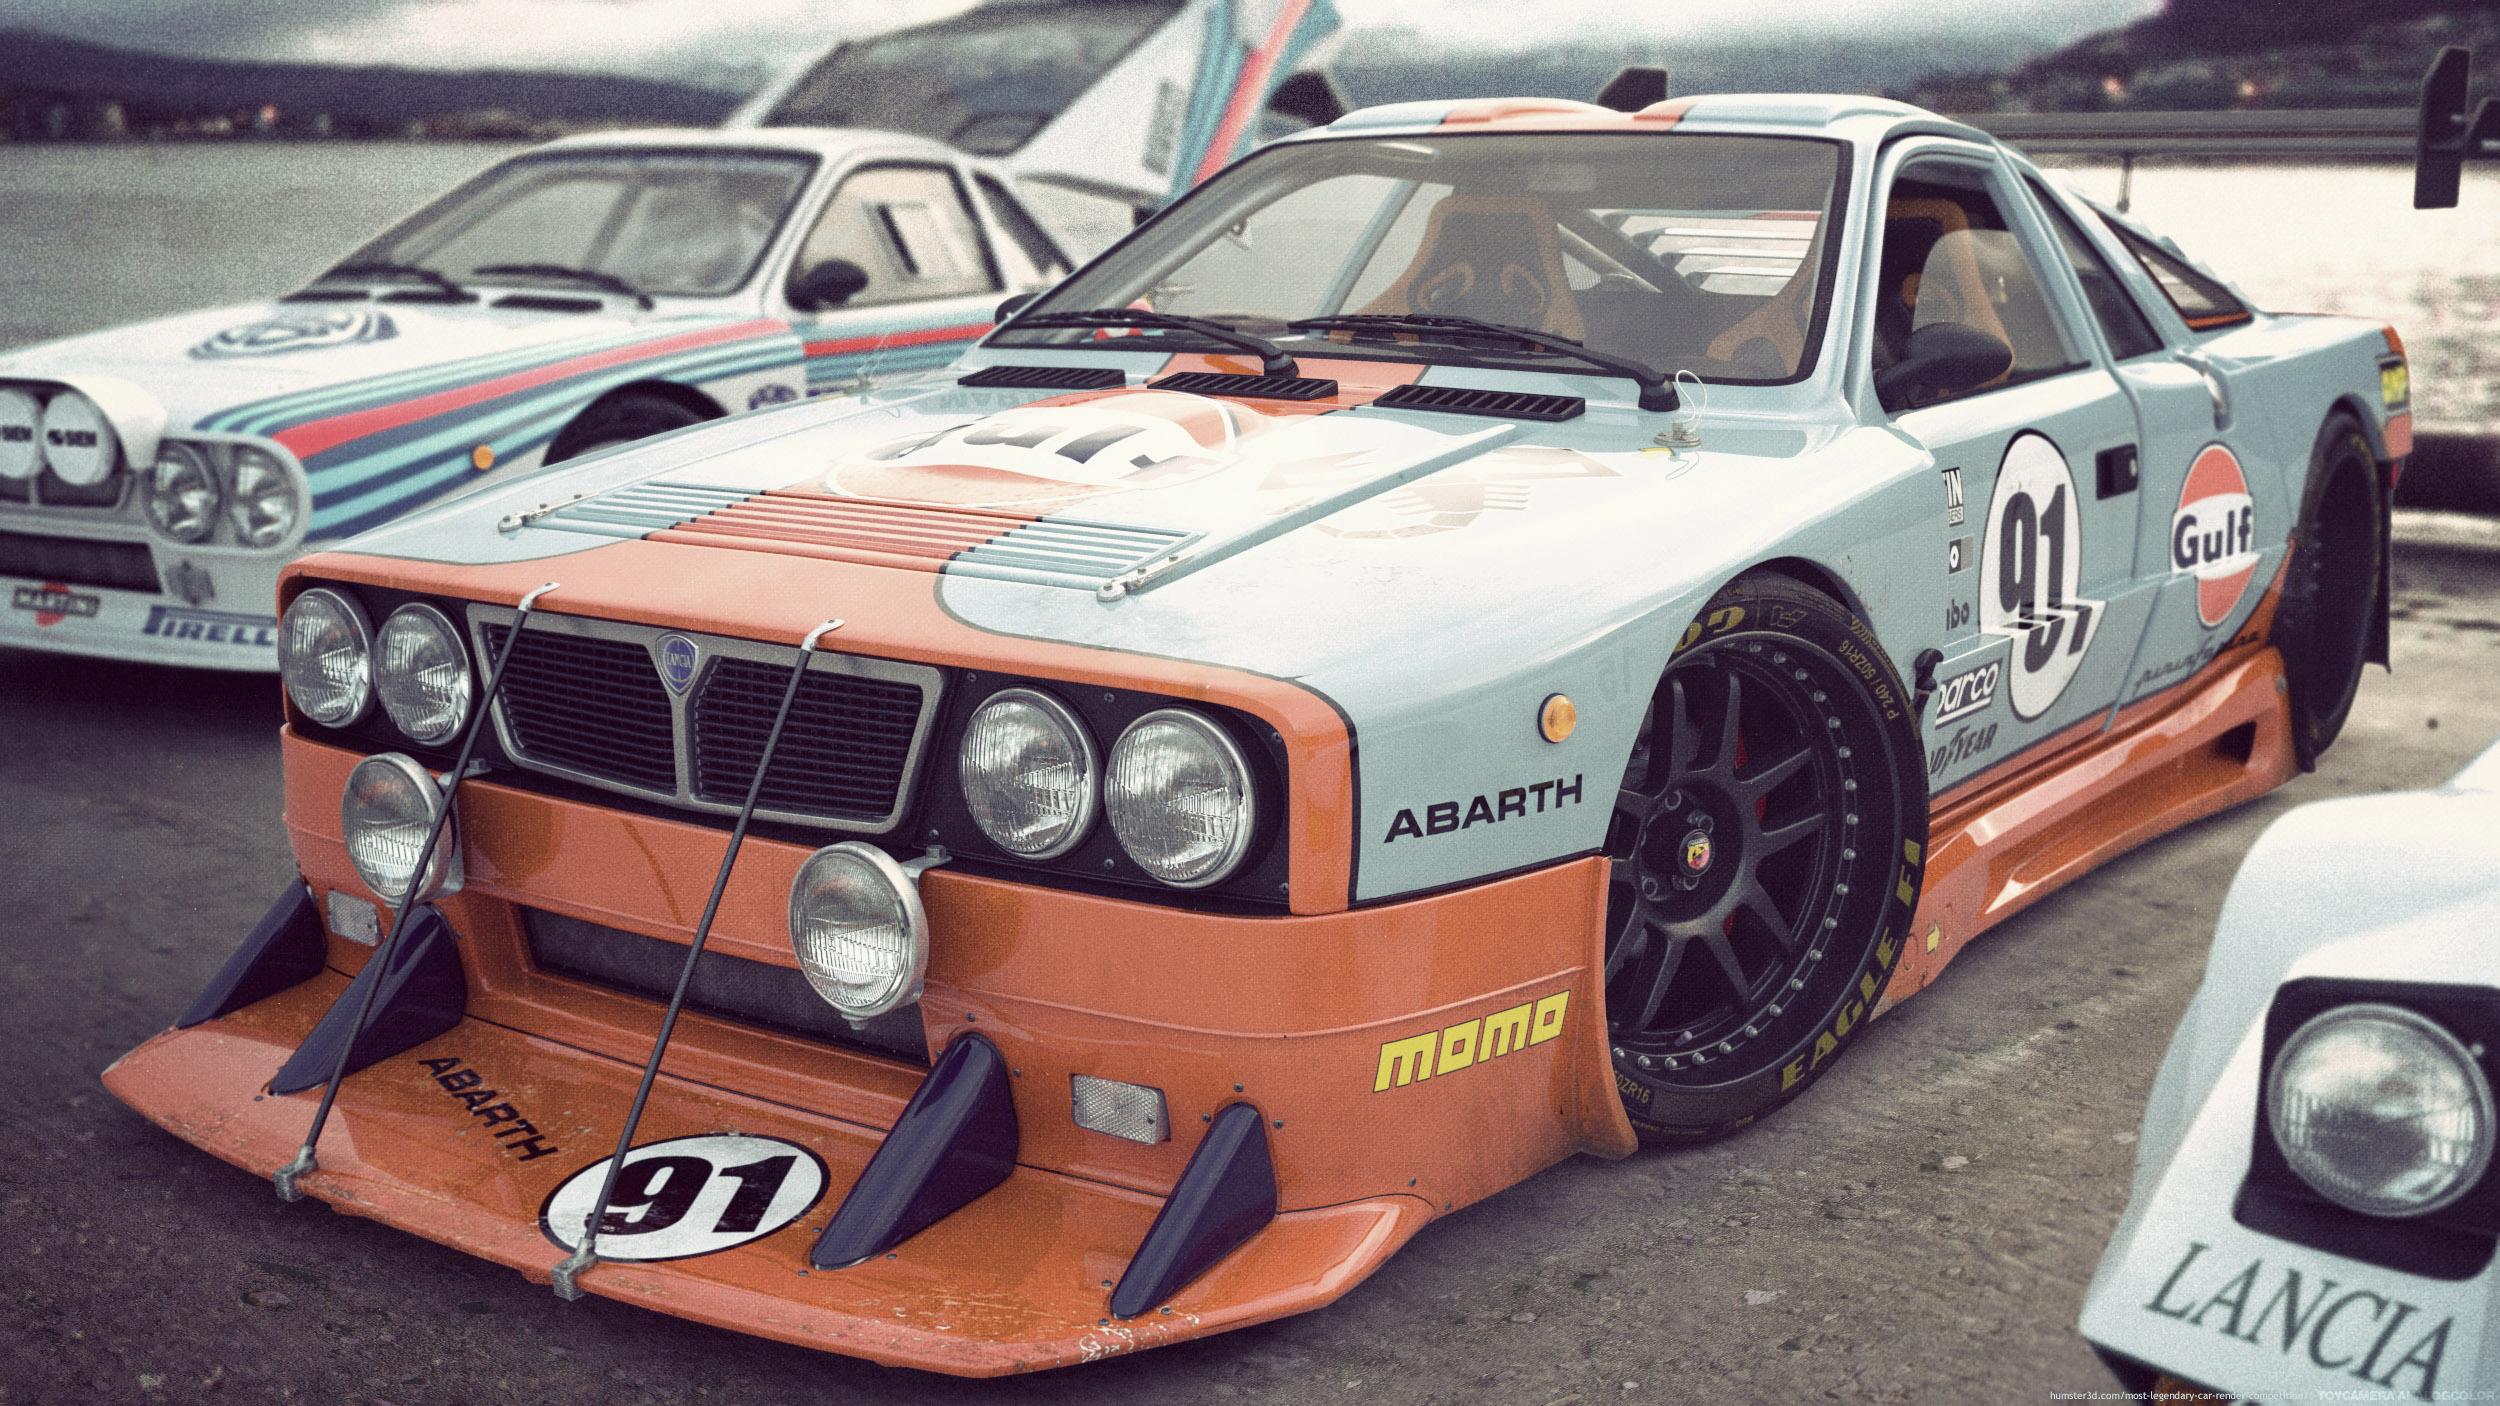 Lancia meeting 3d art